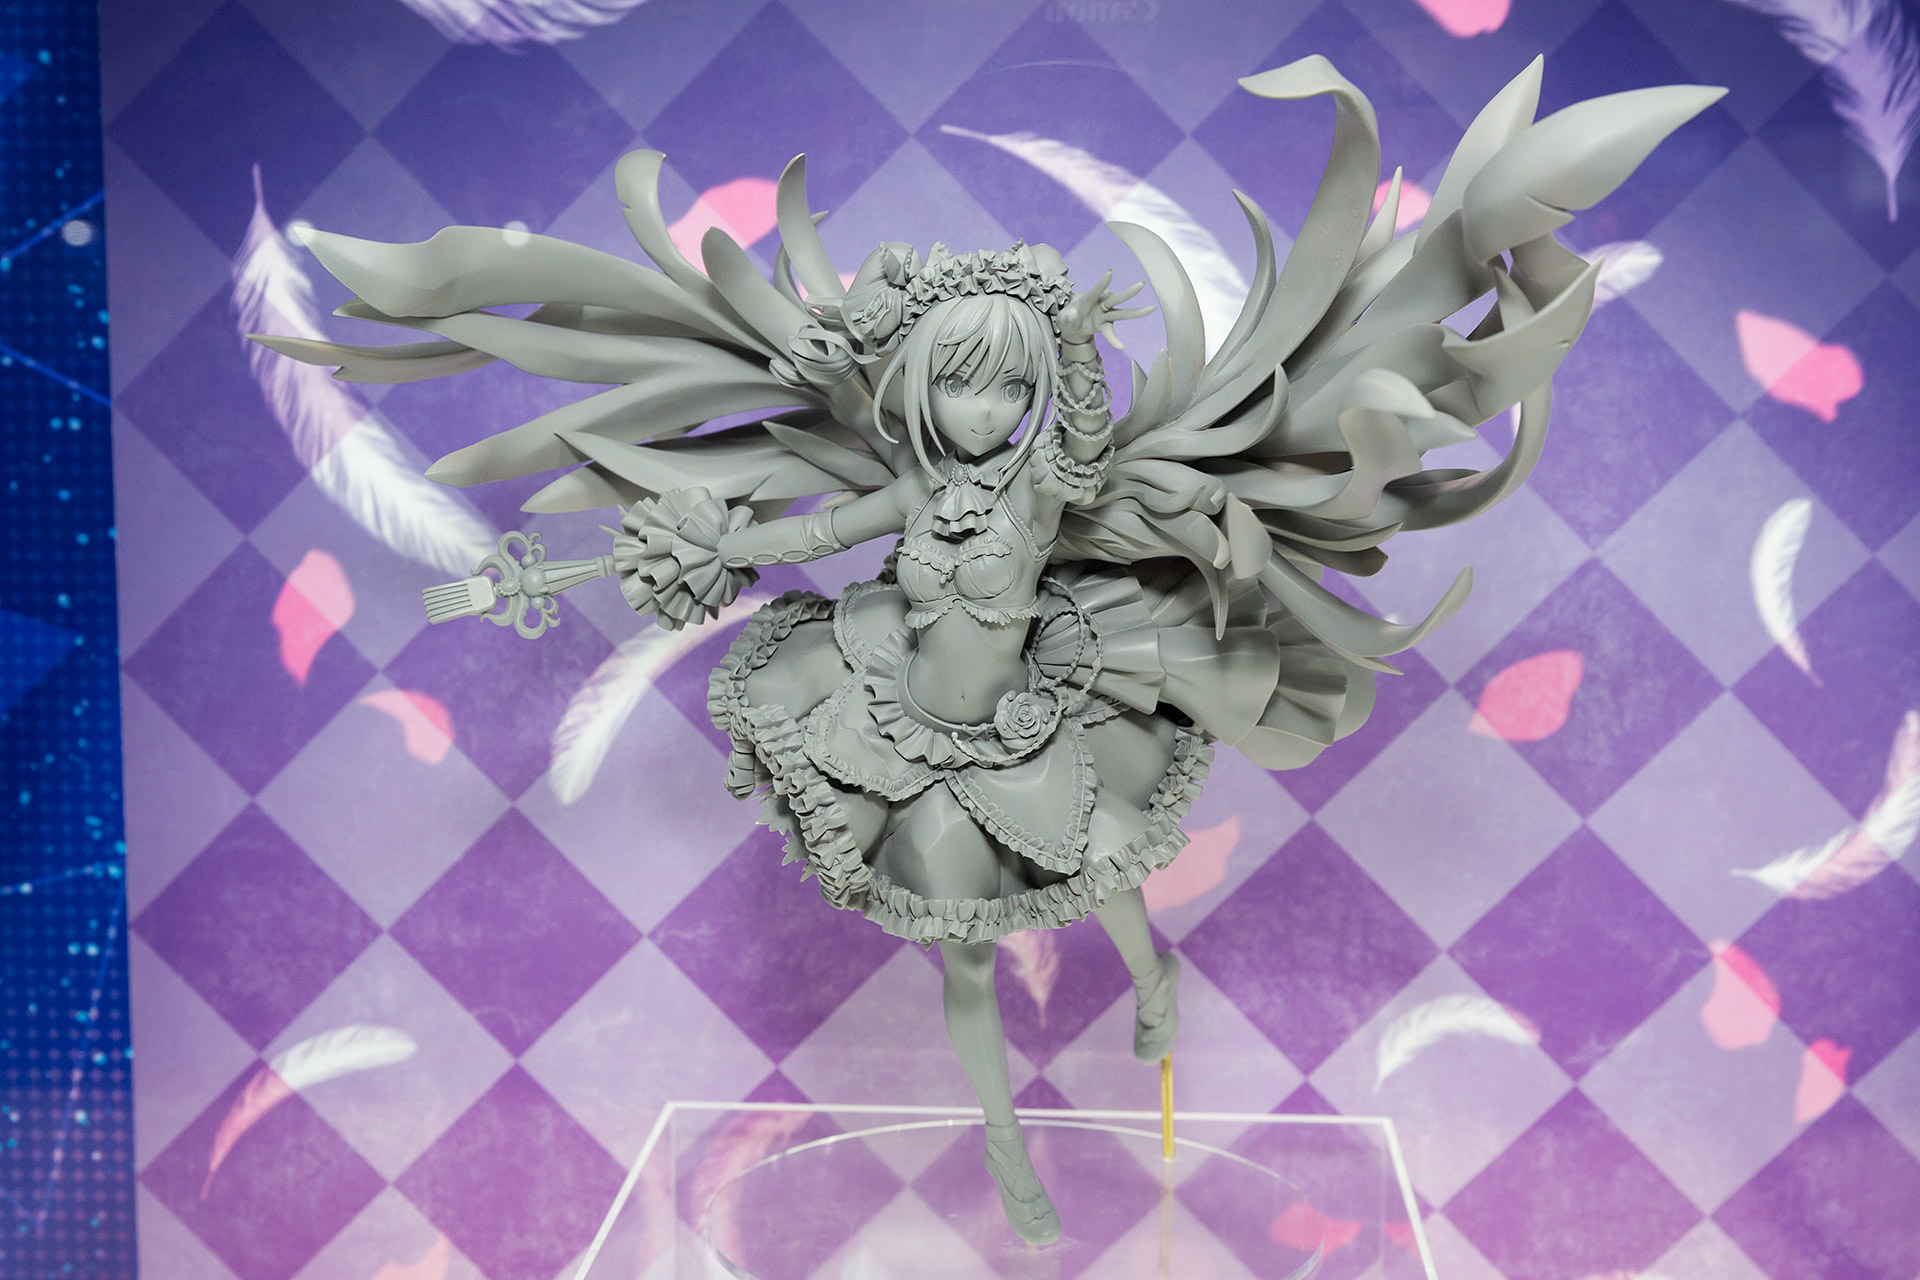 神崎 蘭子 薔薇の闇姫Ver. 03